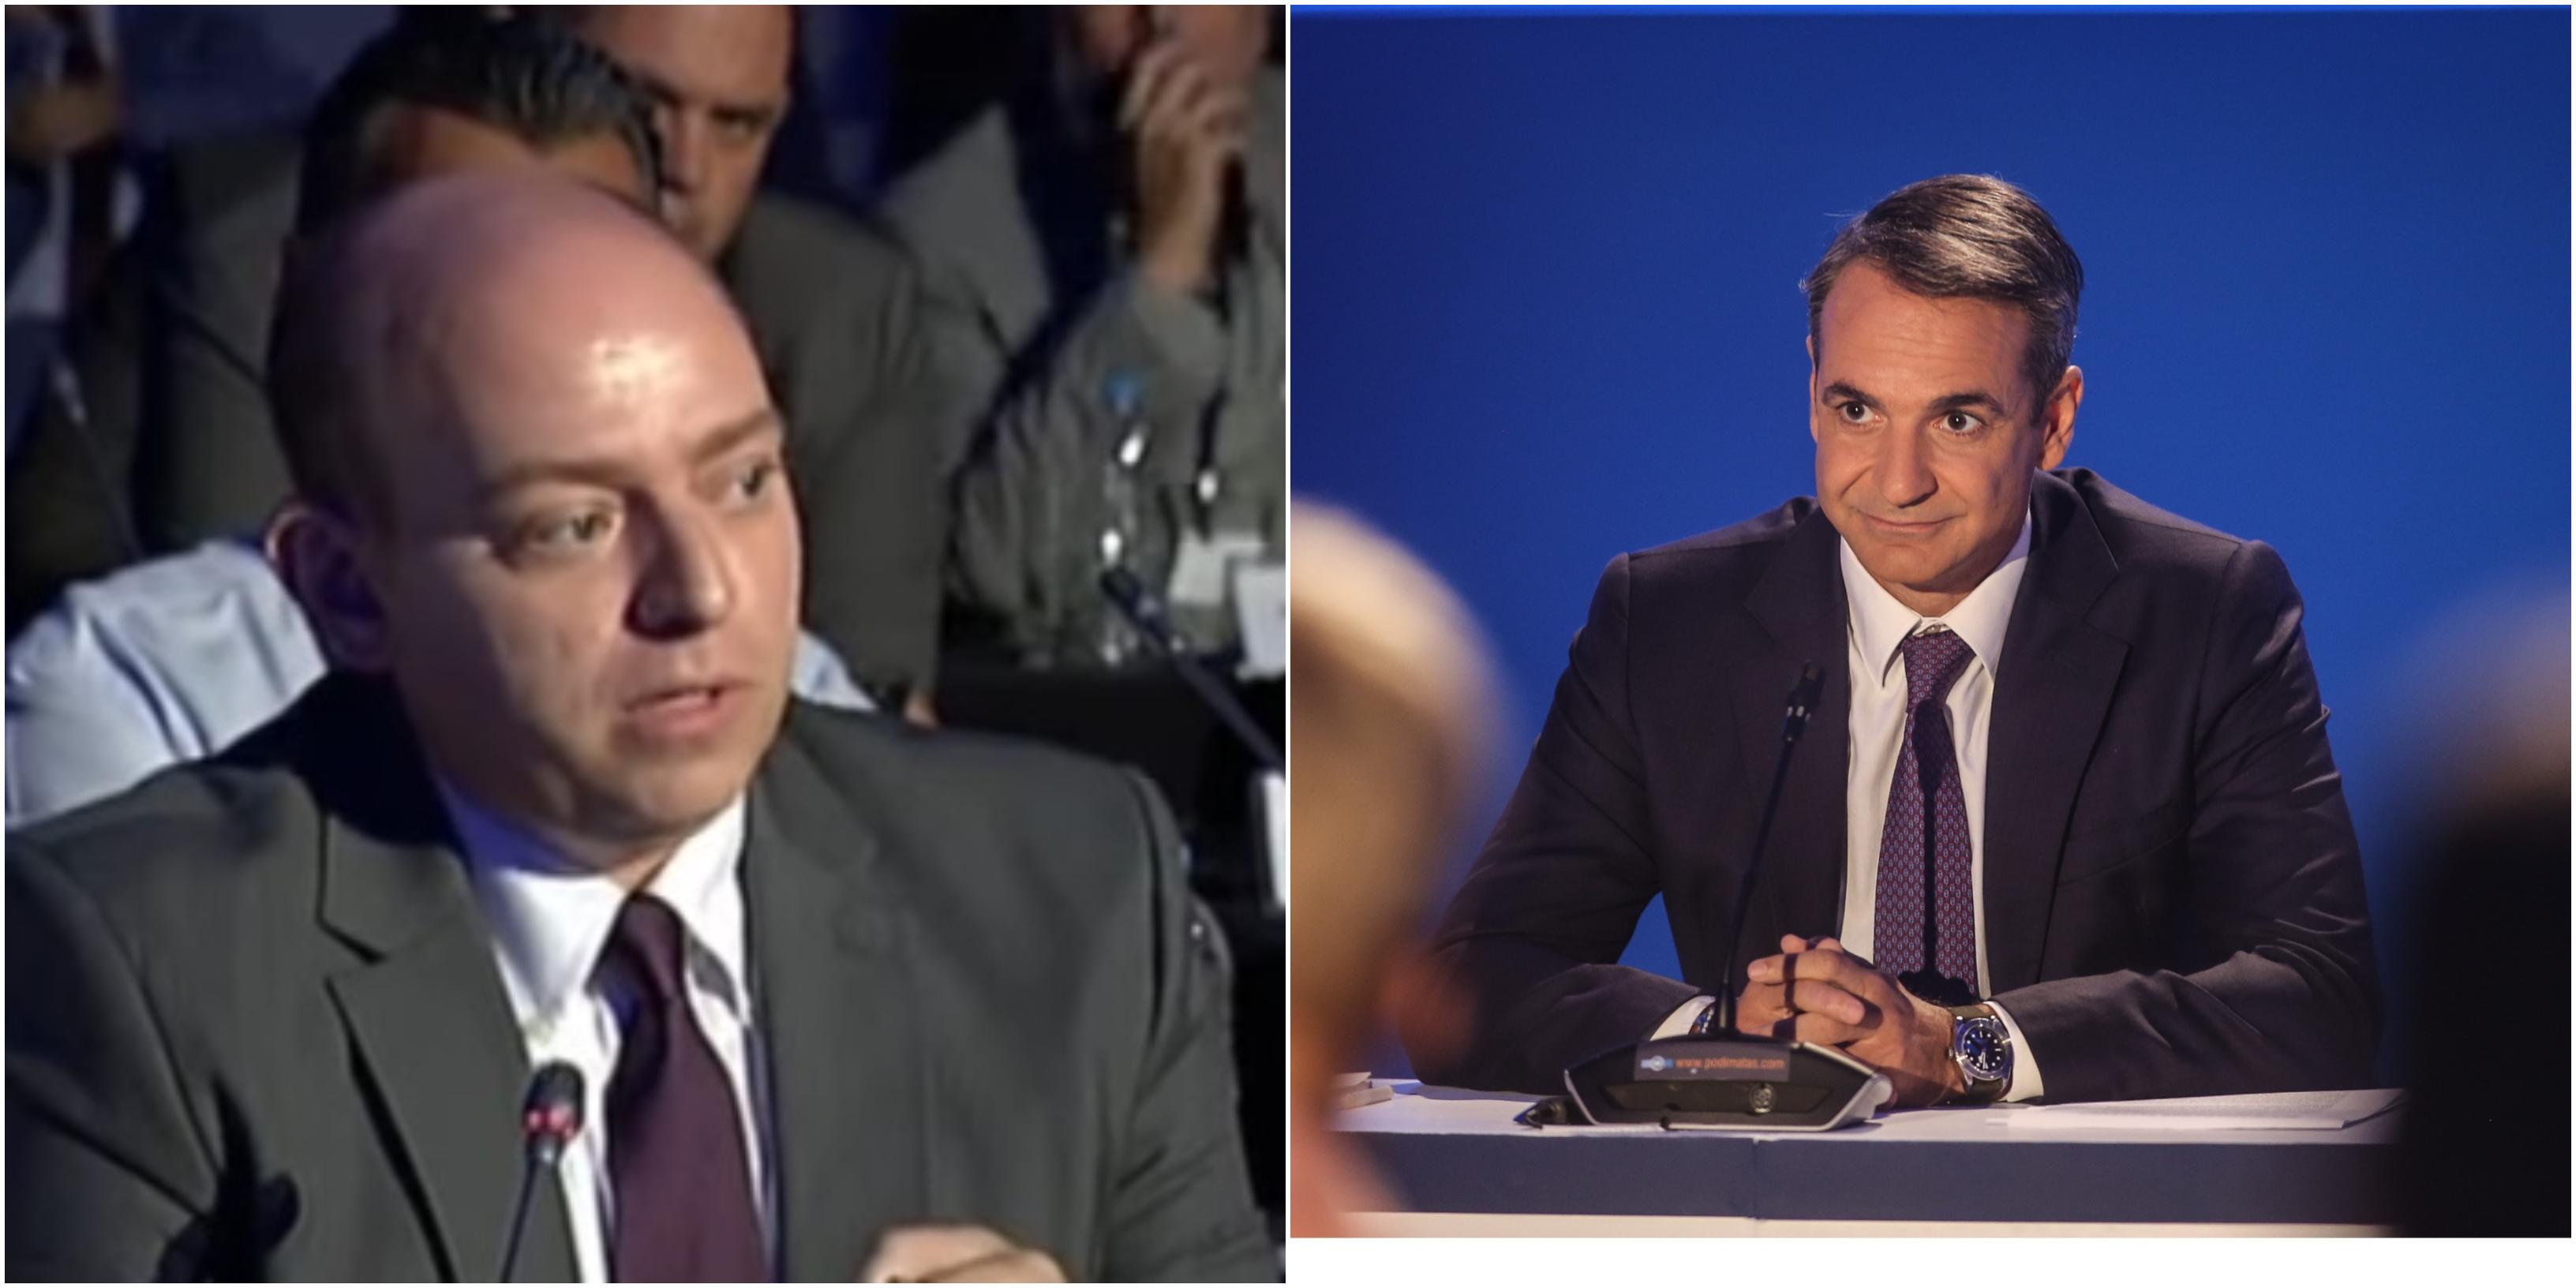 """Μητσοτάκης στο newsit.gr: """"Ξηλώνεται"""" η σύνδεση εισφορών και εισοδήματος - Μειωμένοι συντελεστές ΦΠΑ στο τέλος της 4ετίας"""